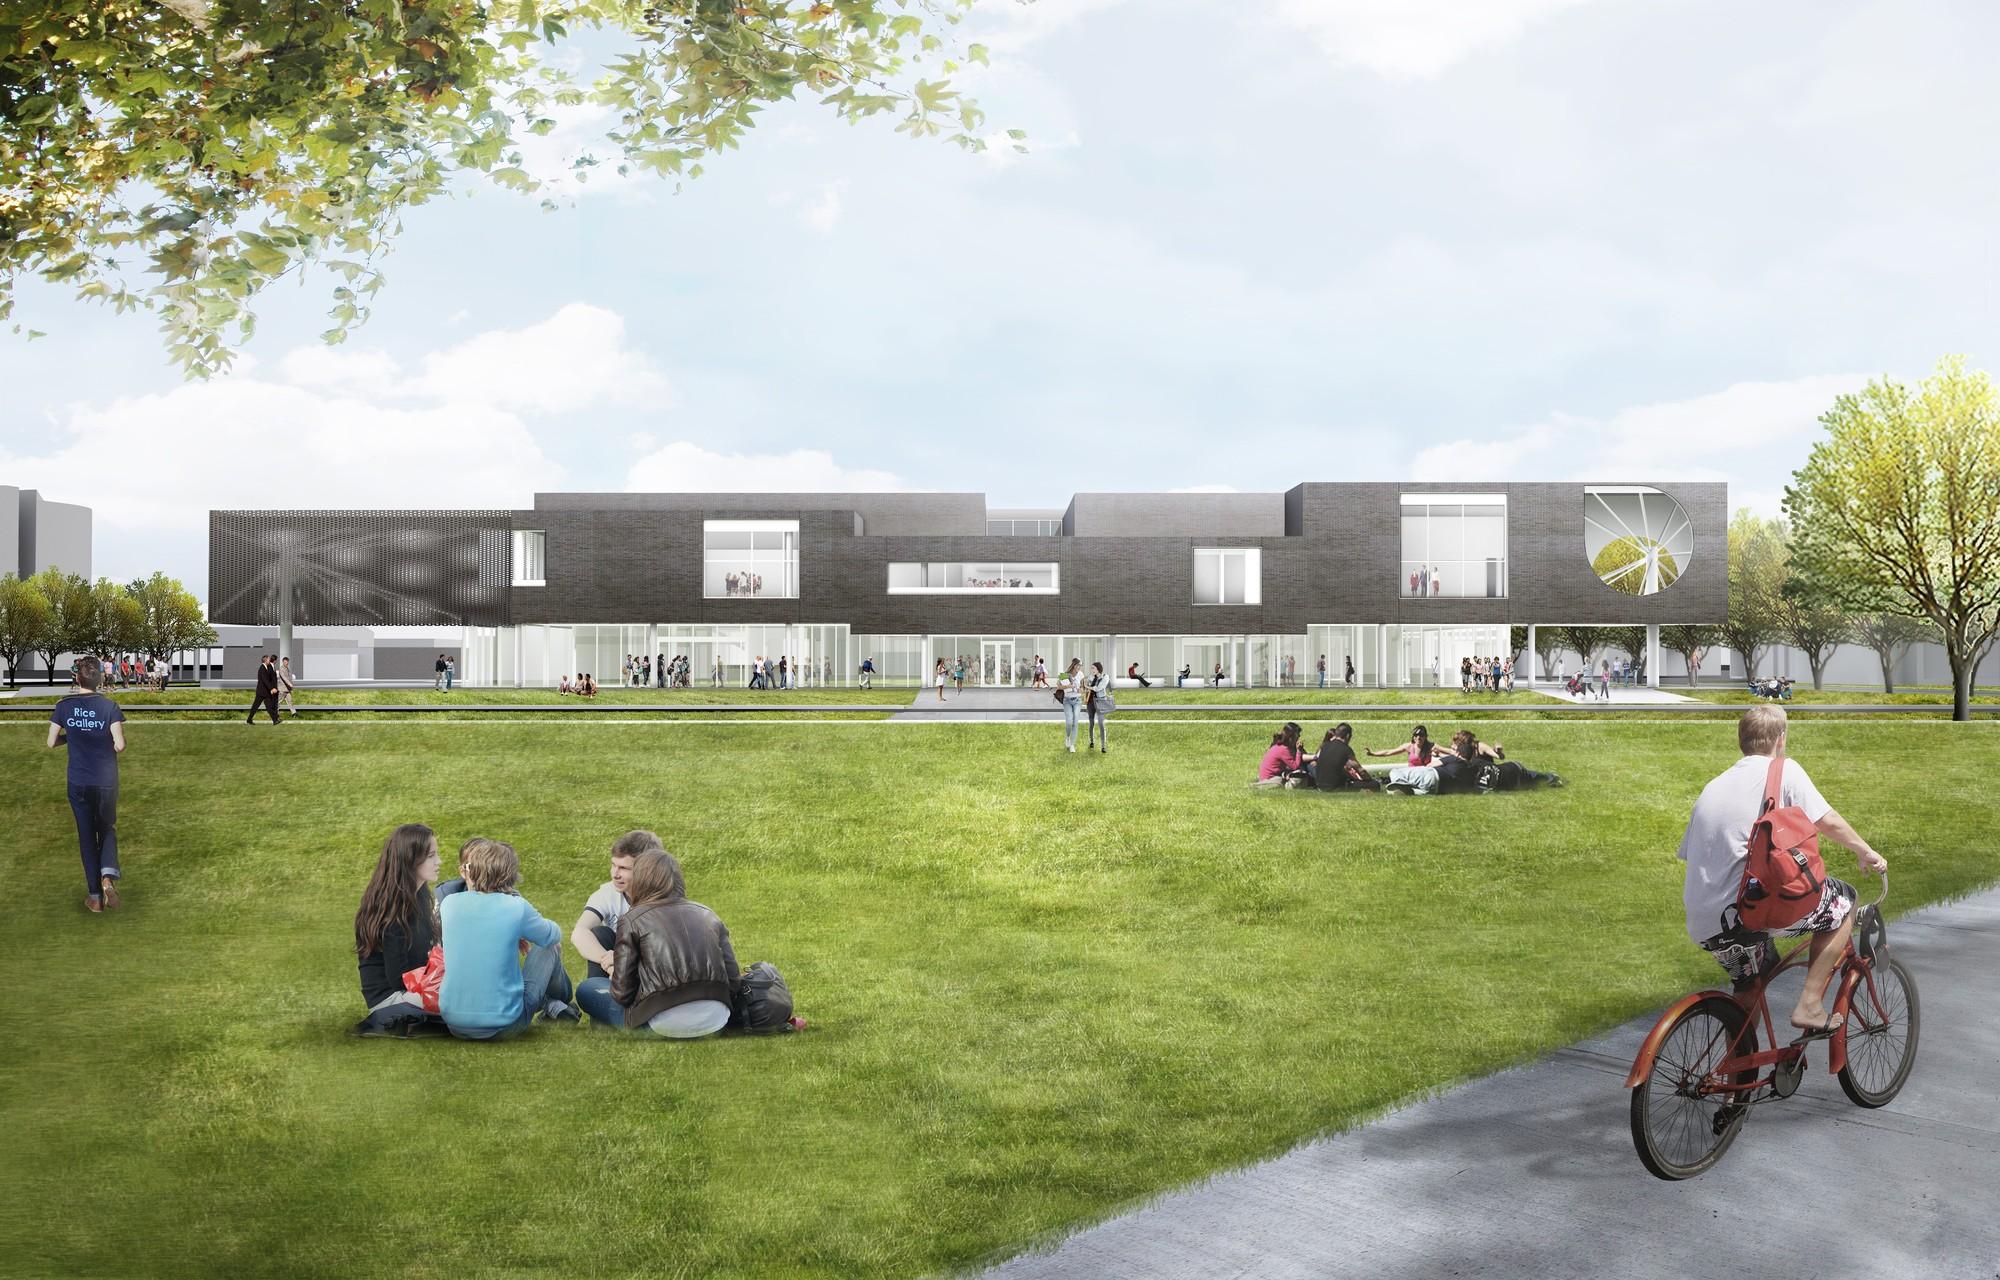 michael maltzan designs  u0026quot experimental u0026quot  arts center at rice